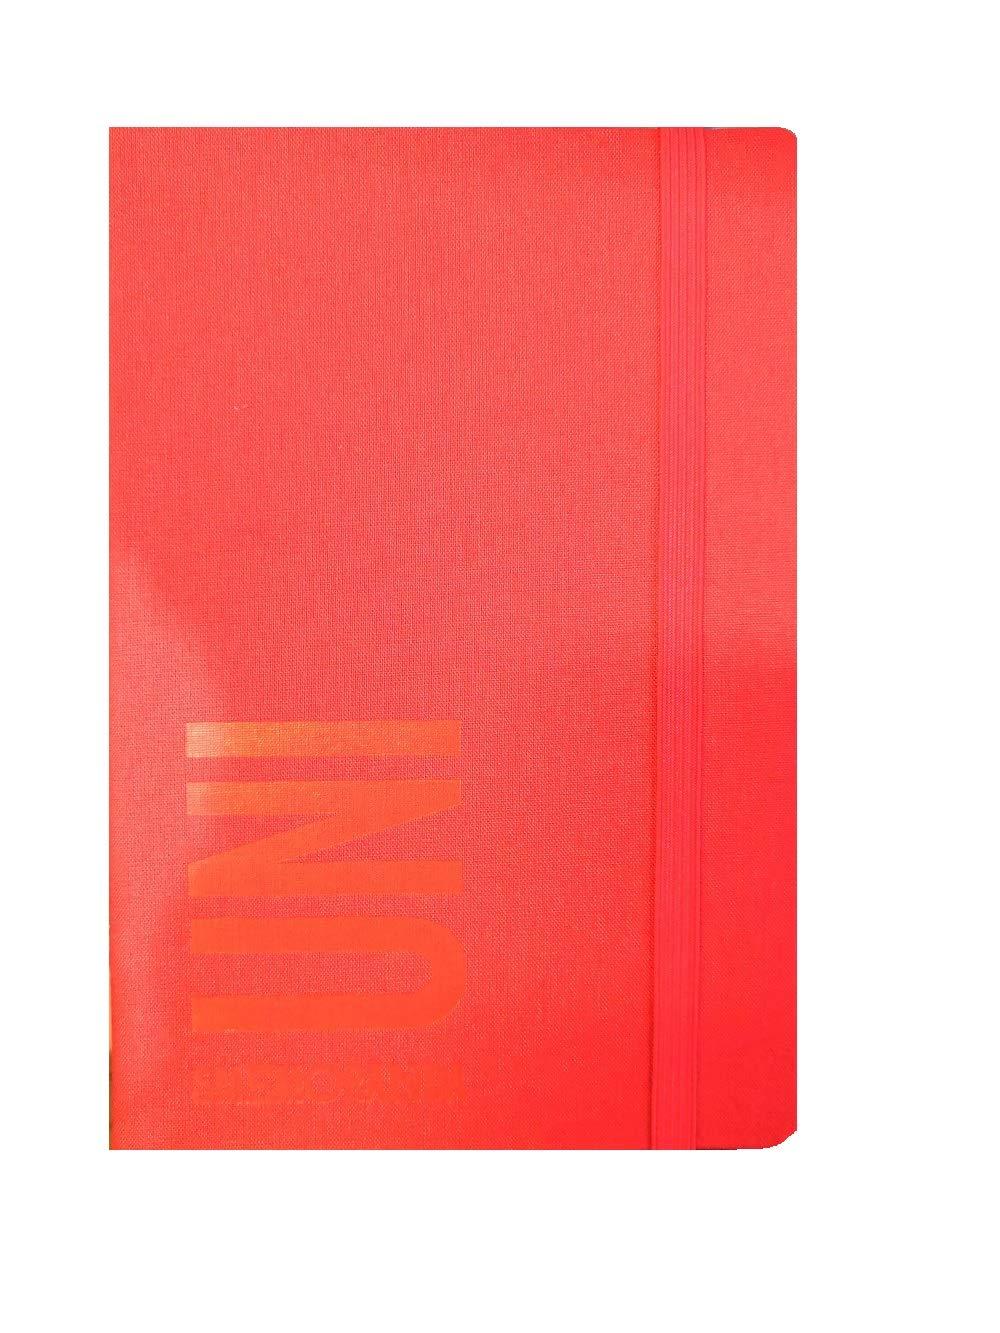 Diario Agenda Smemoranda Universitaria 2019//2020 Giornaliera 13 Mesi Rossa 19x12,5 cm Penna Colorata Omaggio GUT